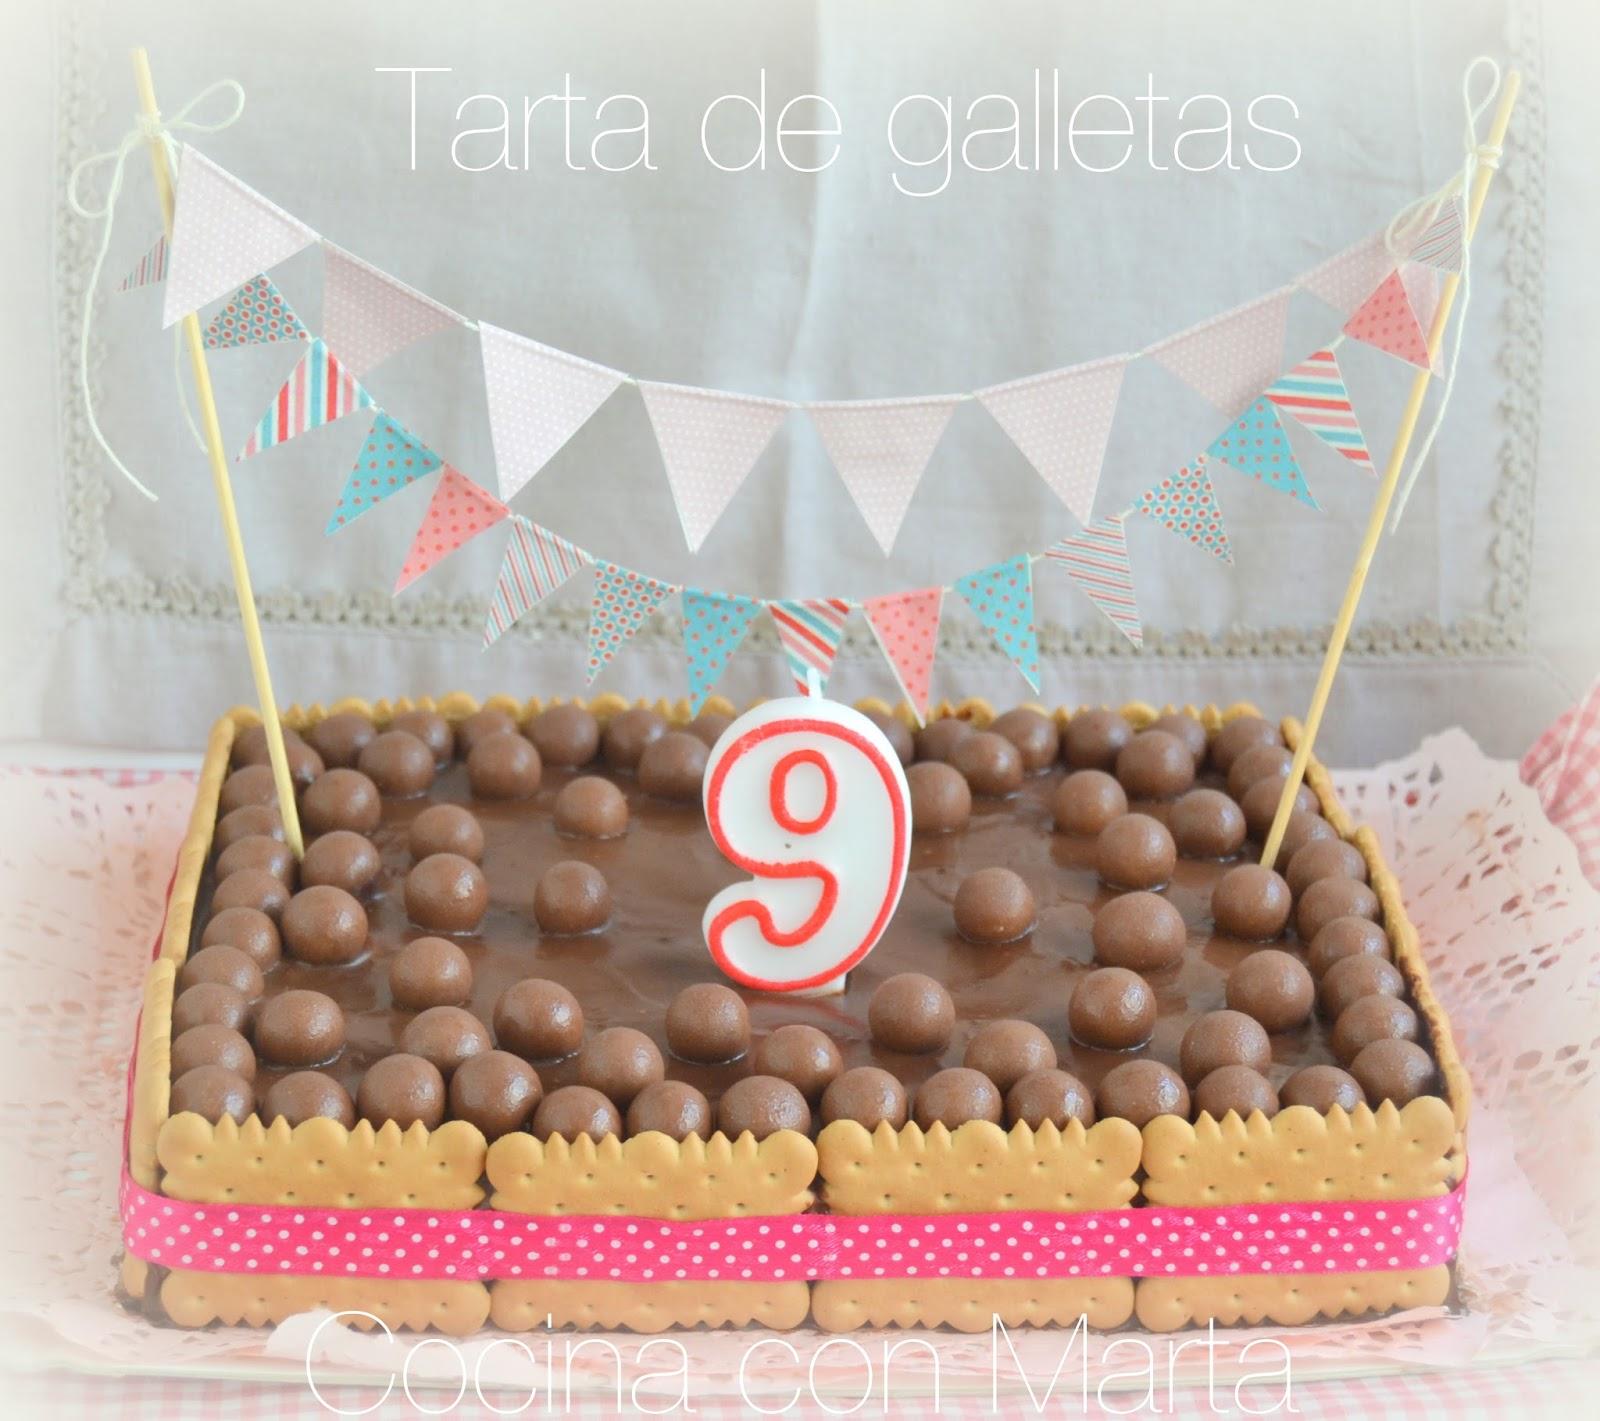 Recetas De Tarta De Cumpleaos Para Nios Tartas De Cumpleaos - Como-decorar-una-tarta-de-cumpleaos-para-nios